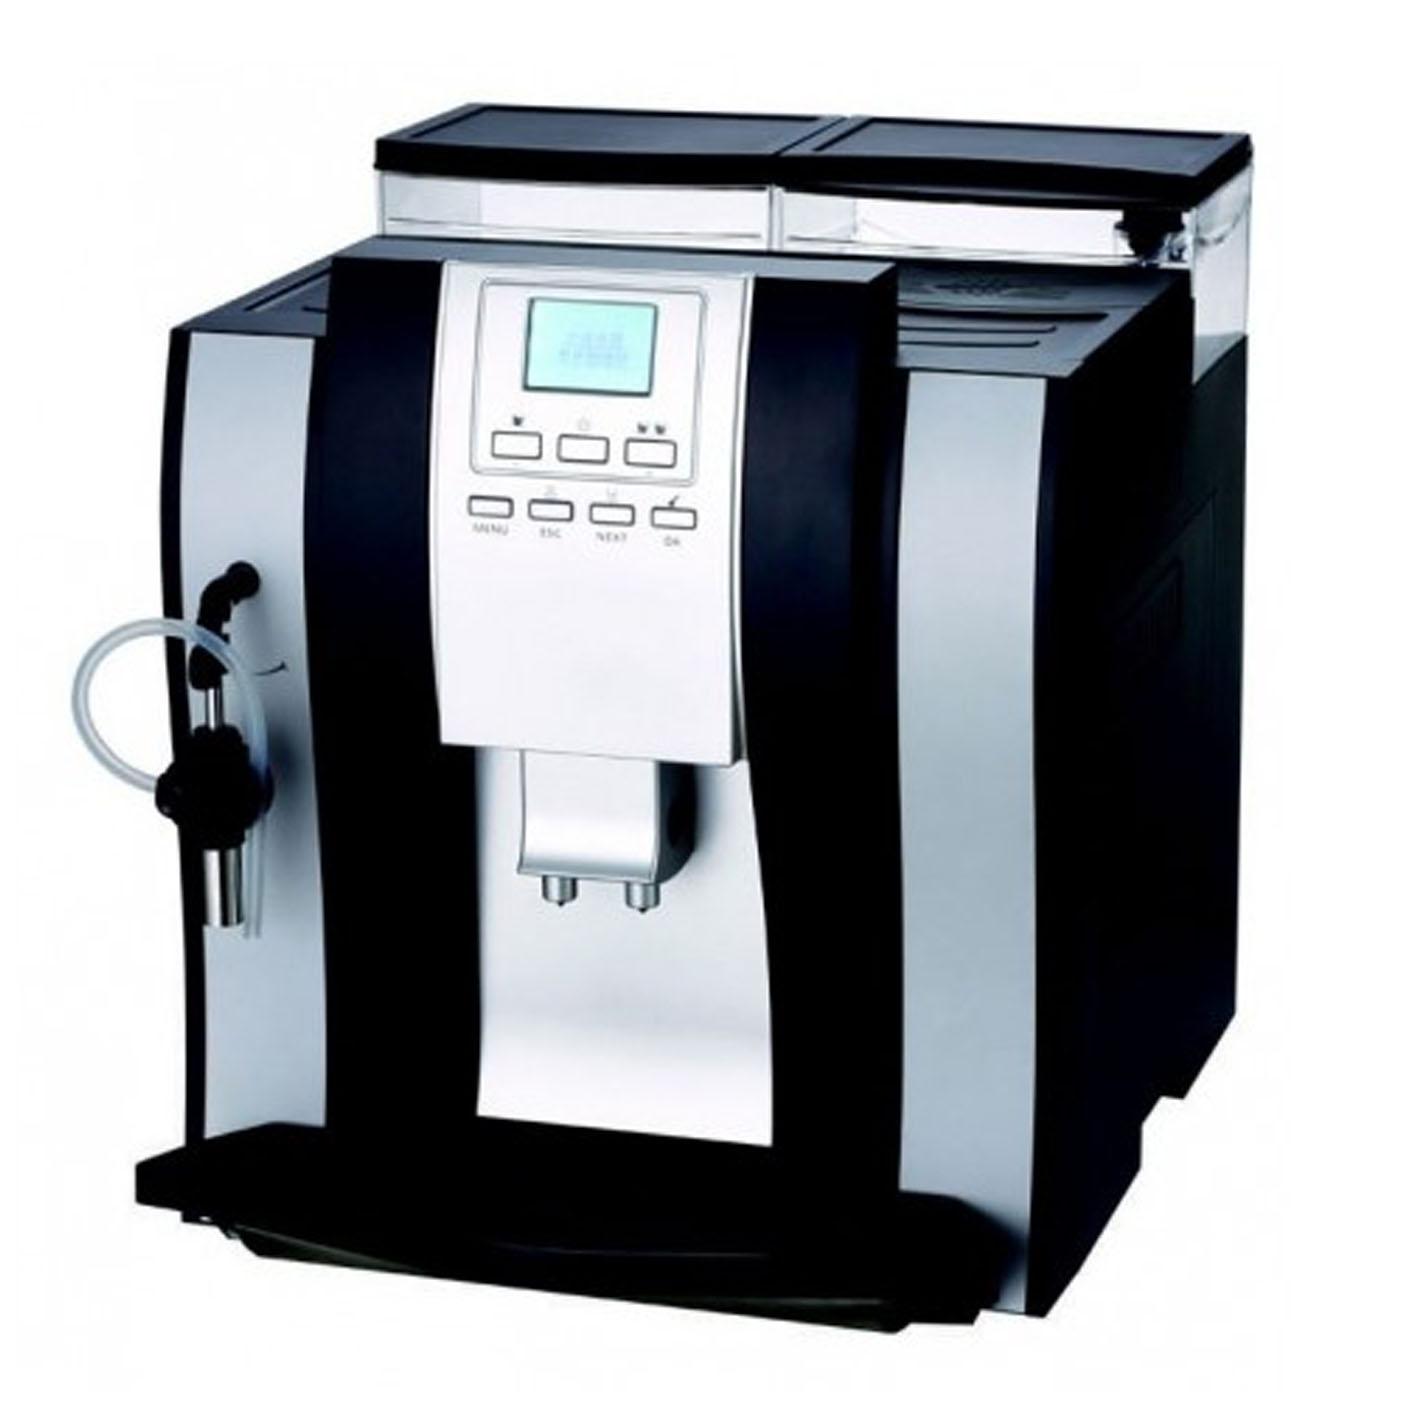 4. Комбинированные кофемашины объединяют в себе кофемолку и кофеварку. Такая кофемашина может пригот